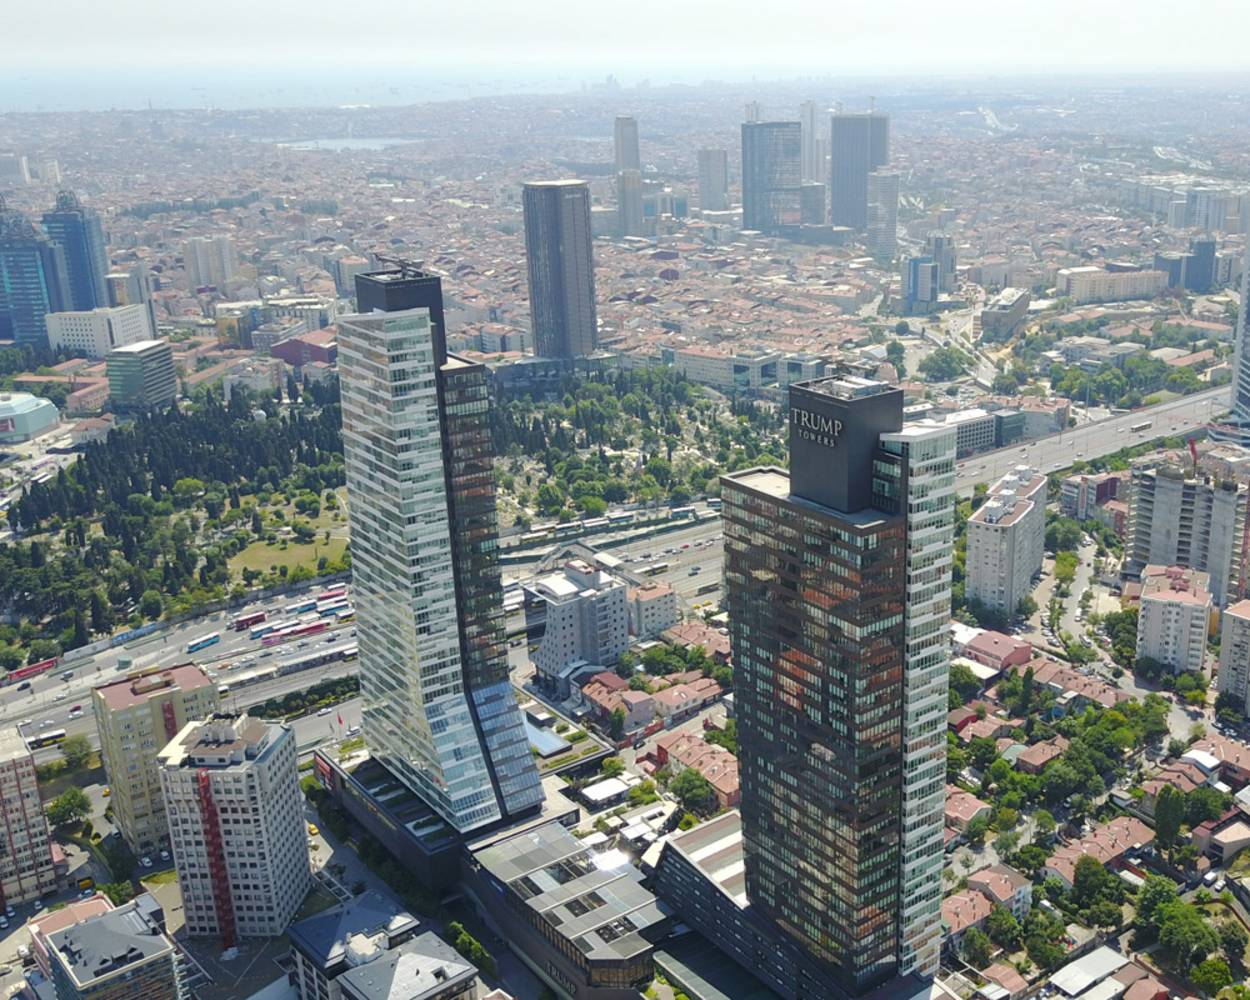 برج ترامب في إسطنبول معلومات قد تقرأها لأول مرة